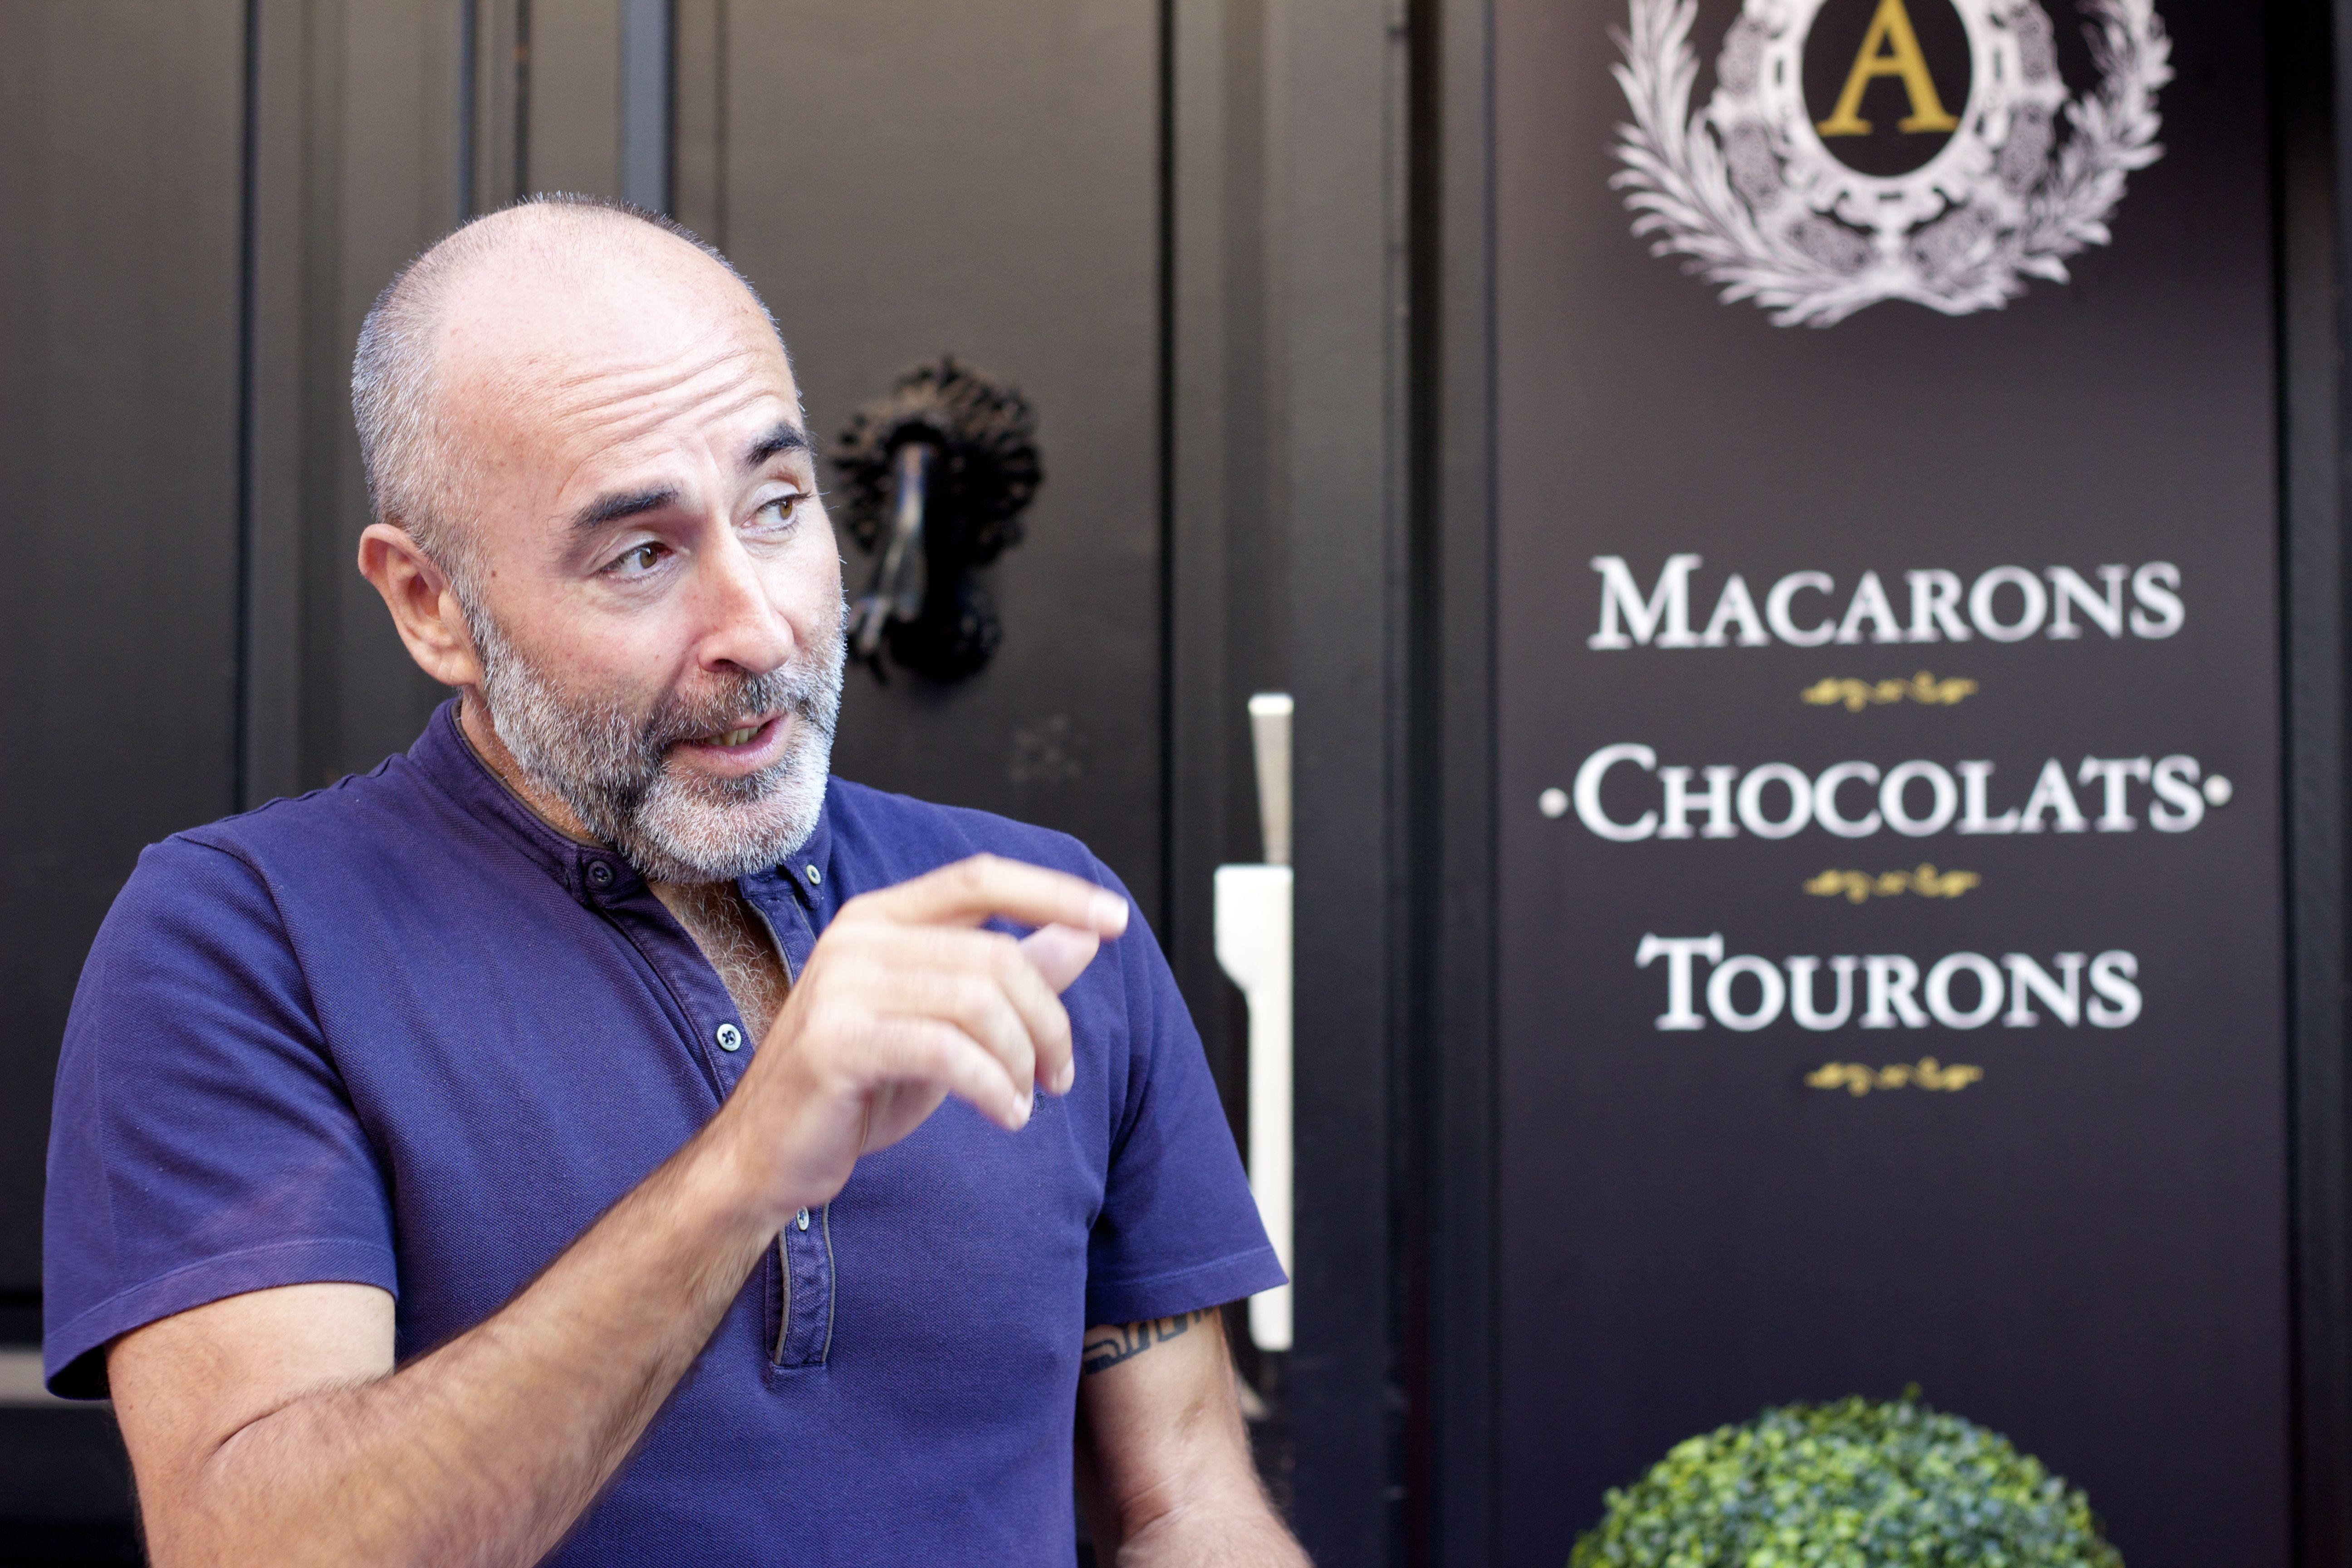 seminaire-jean-pierre-telleria-le-cercle-macaron-adam-degustation-pays-basque-le-cercle-piment-espelette